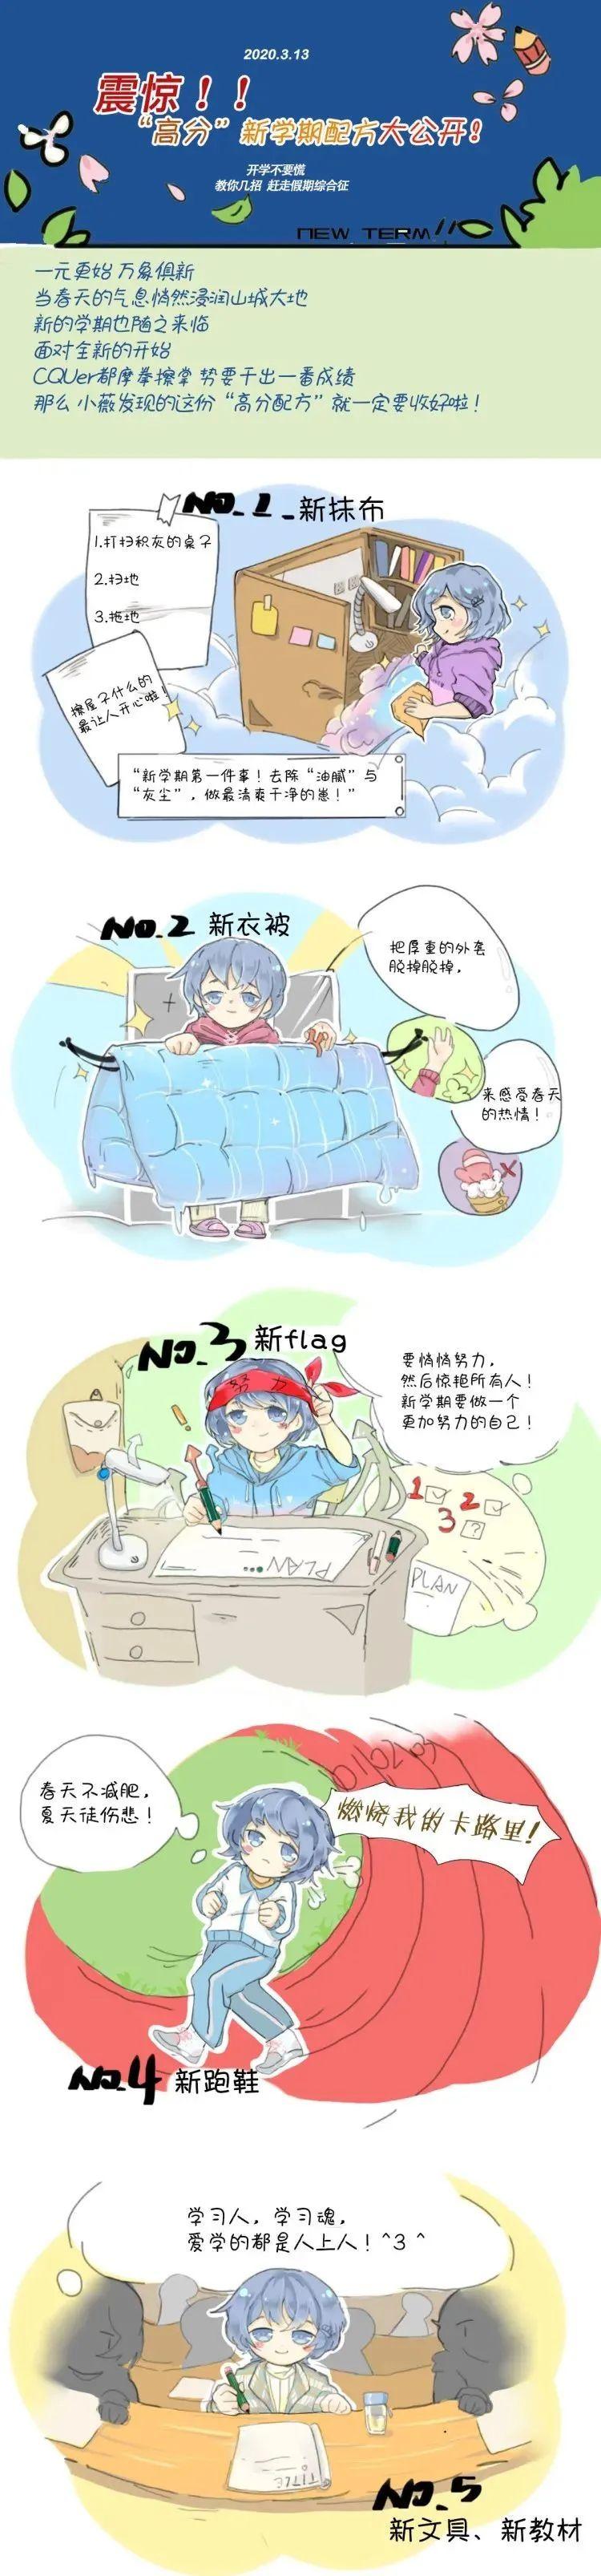 """小薇漫画丨""""高分""""新学期配方大公开图片"""